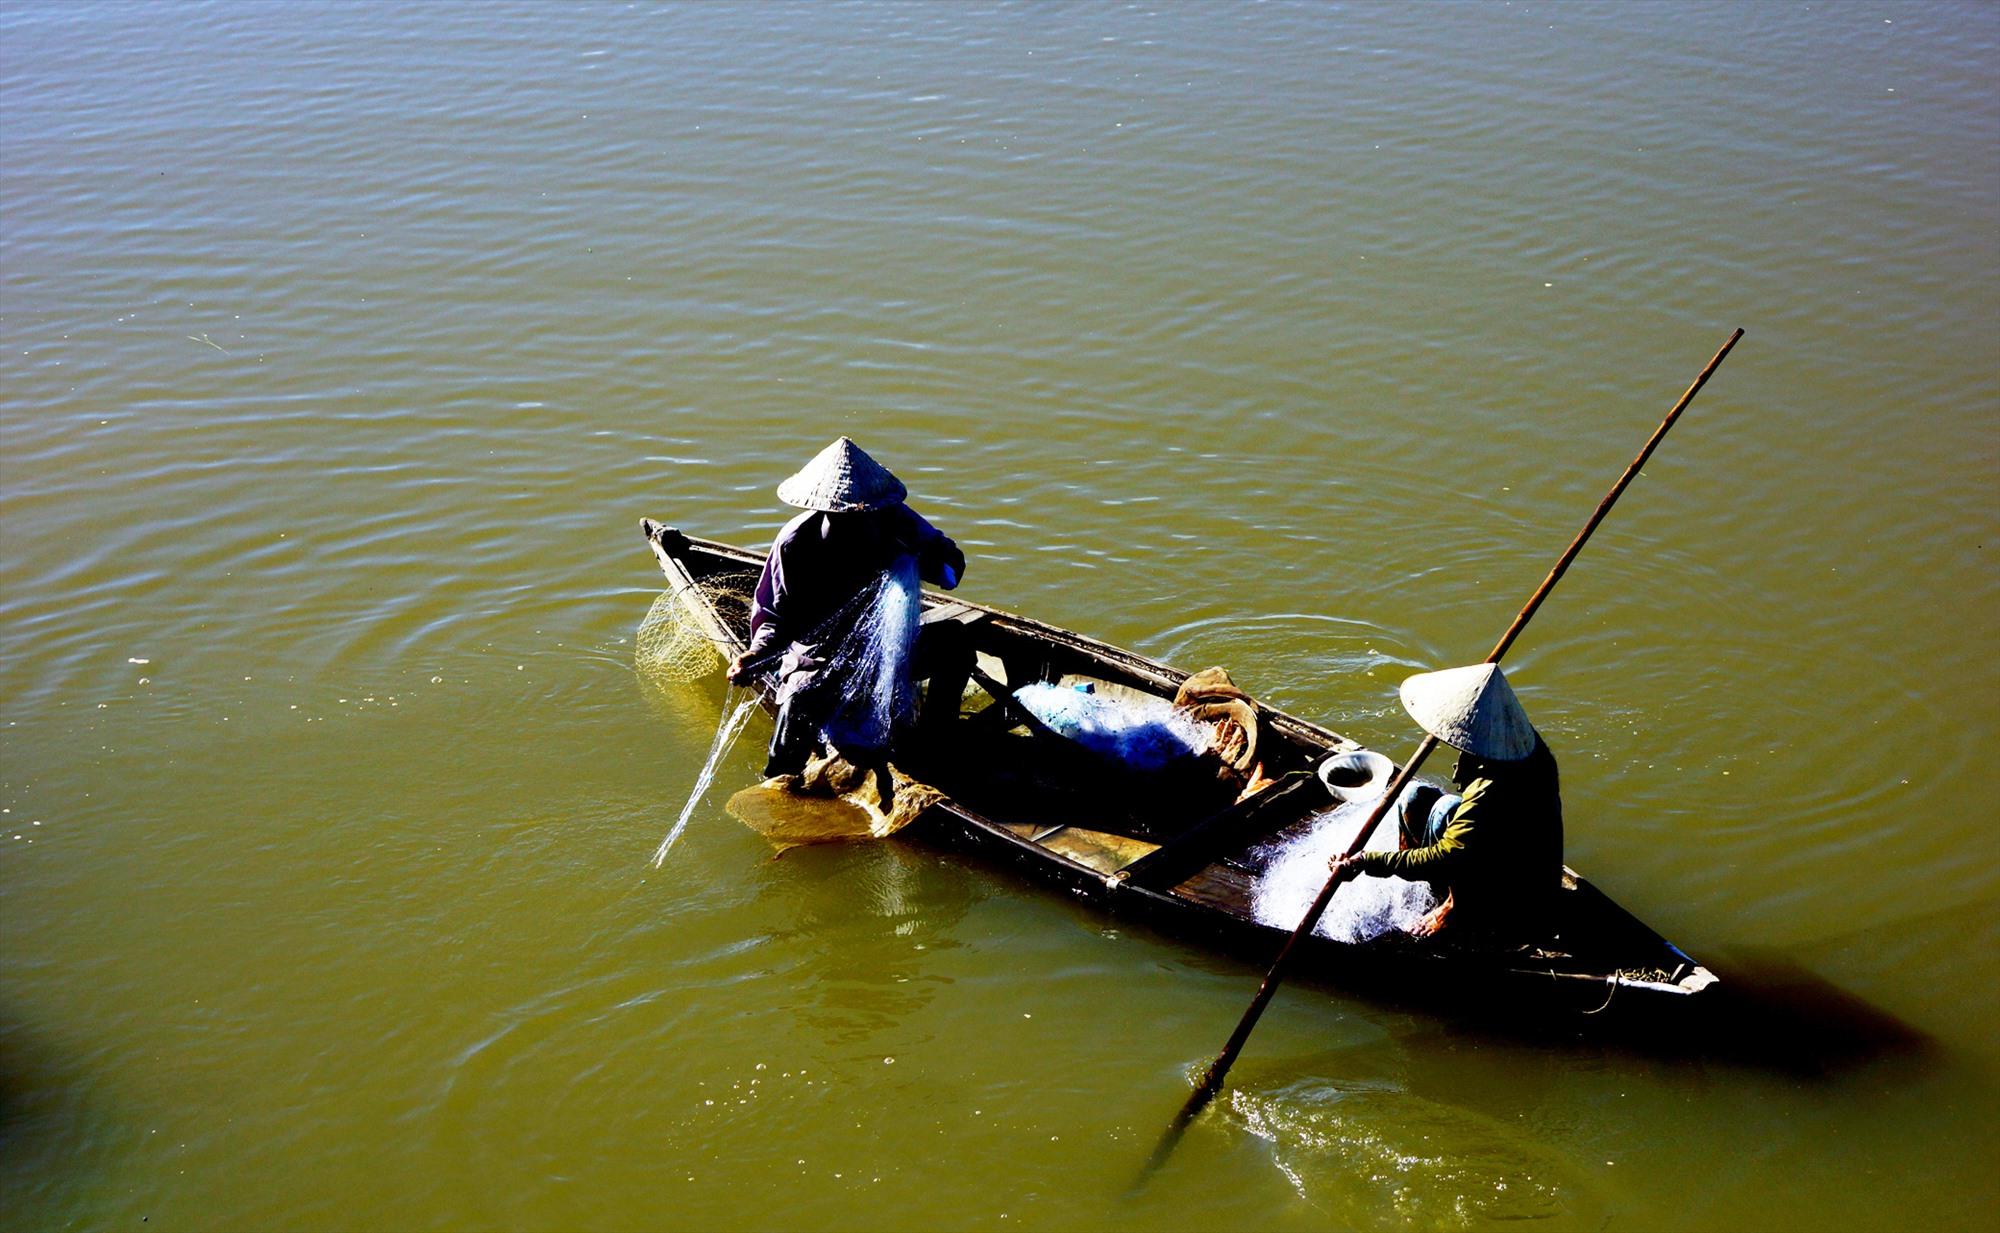 Thả lưới bắt cá trên sông. Ảnh: PHƯƠNG THẢO